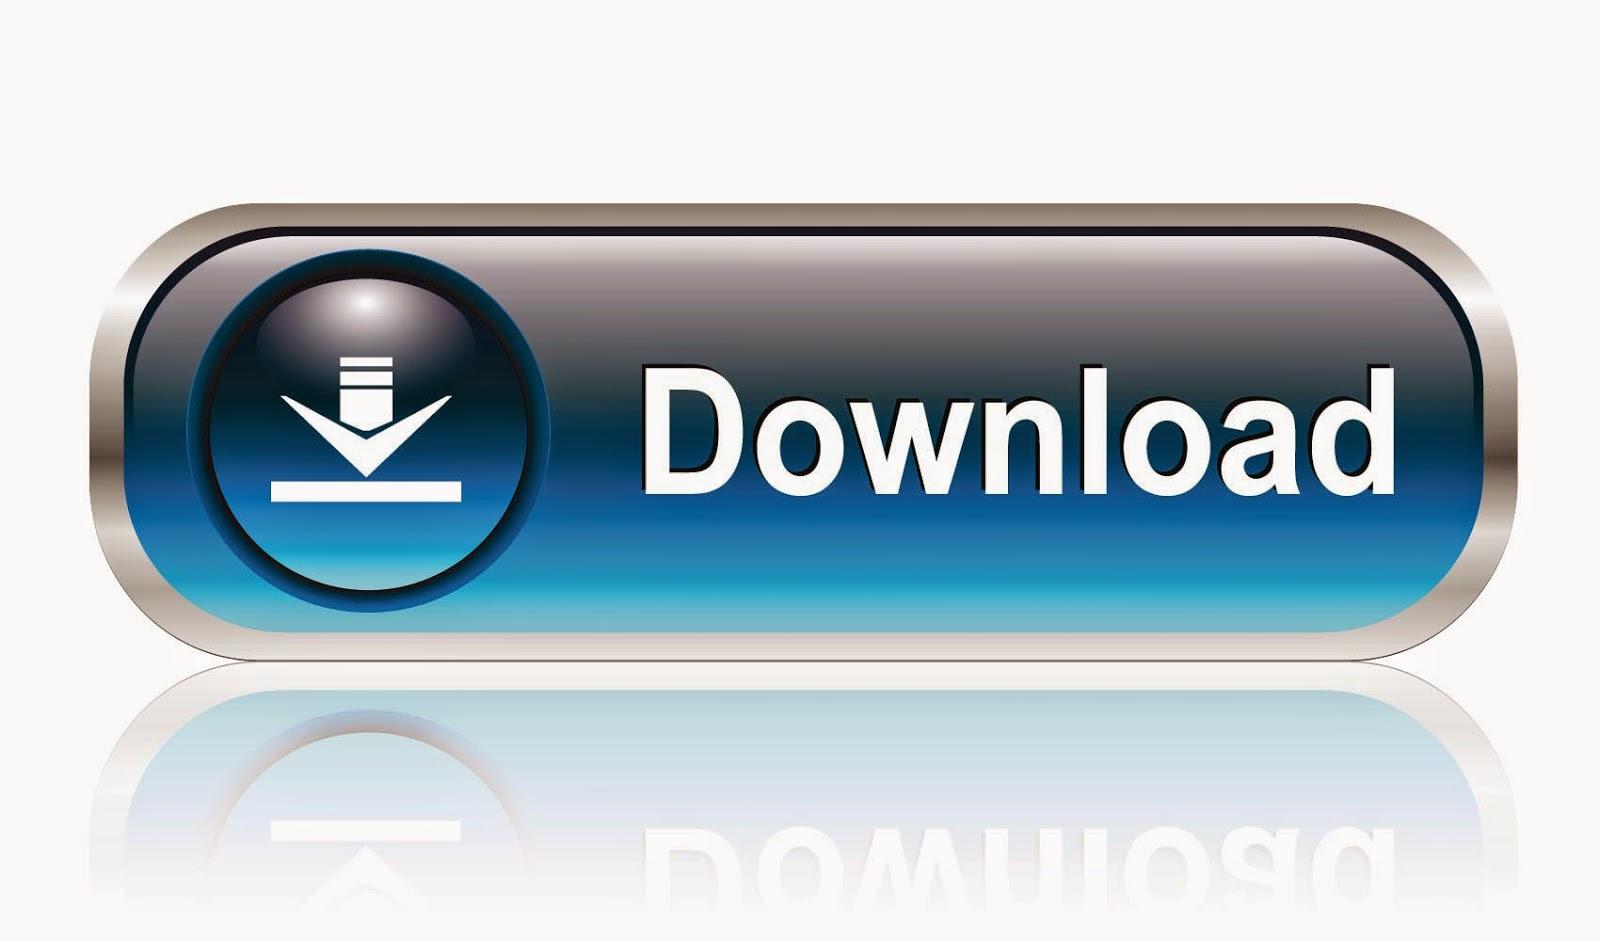 """<img src=""""http://2.bp.blogspot.com/-17rM98LiNBM/U2PHNfffrEI/AAAAAAAACbs/9QjxMMF9oaE/s1600/avast-antivirus-free-download.png"""" alt=""""Avast Antivirus 8.0.1 Free Download"""" />"""